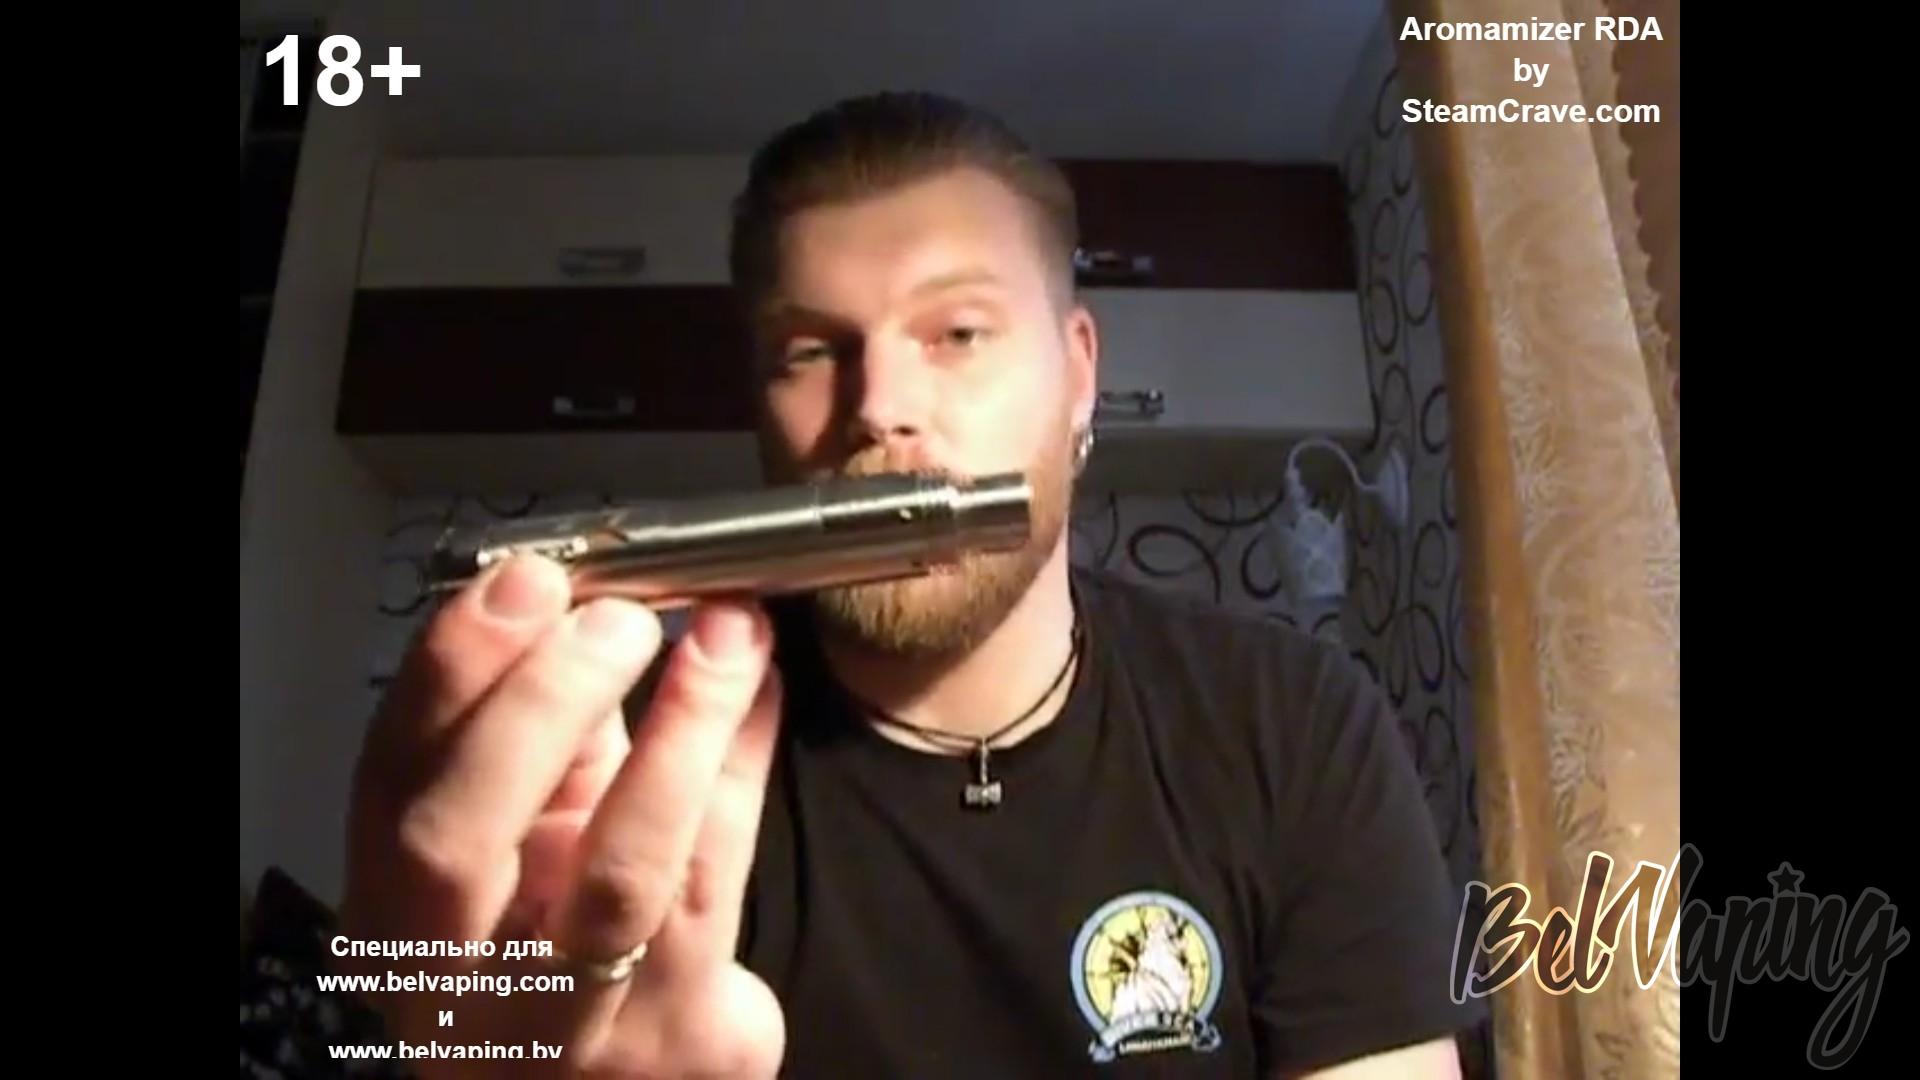 Видеообзор Aromamizer RDA